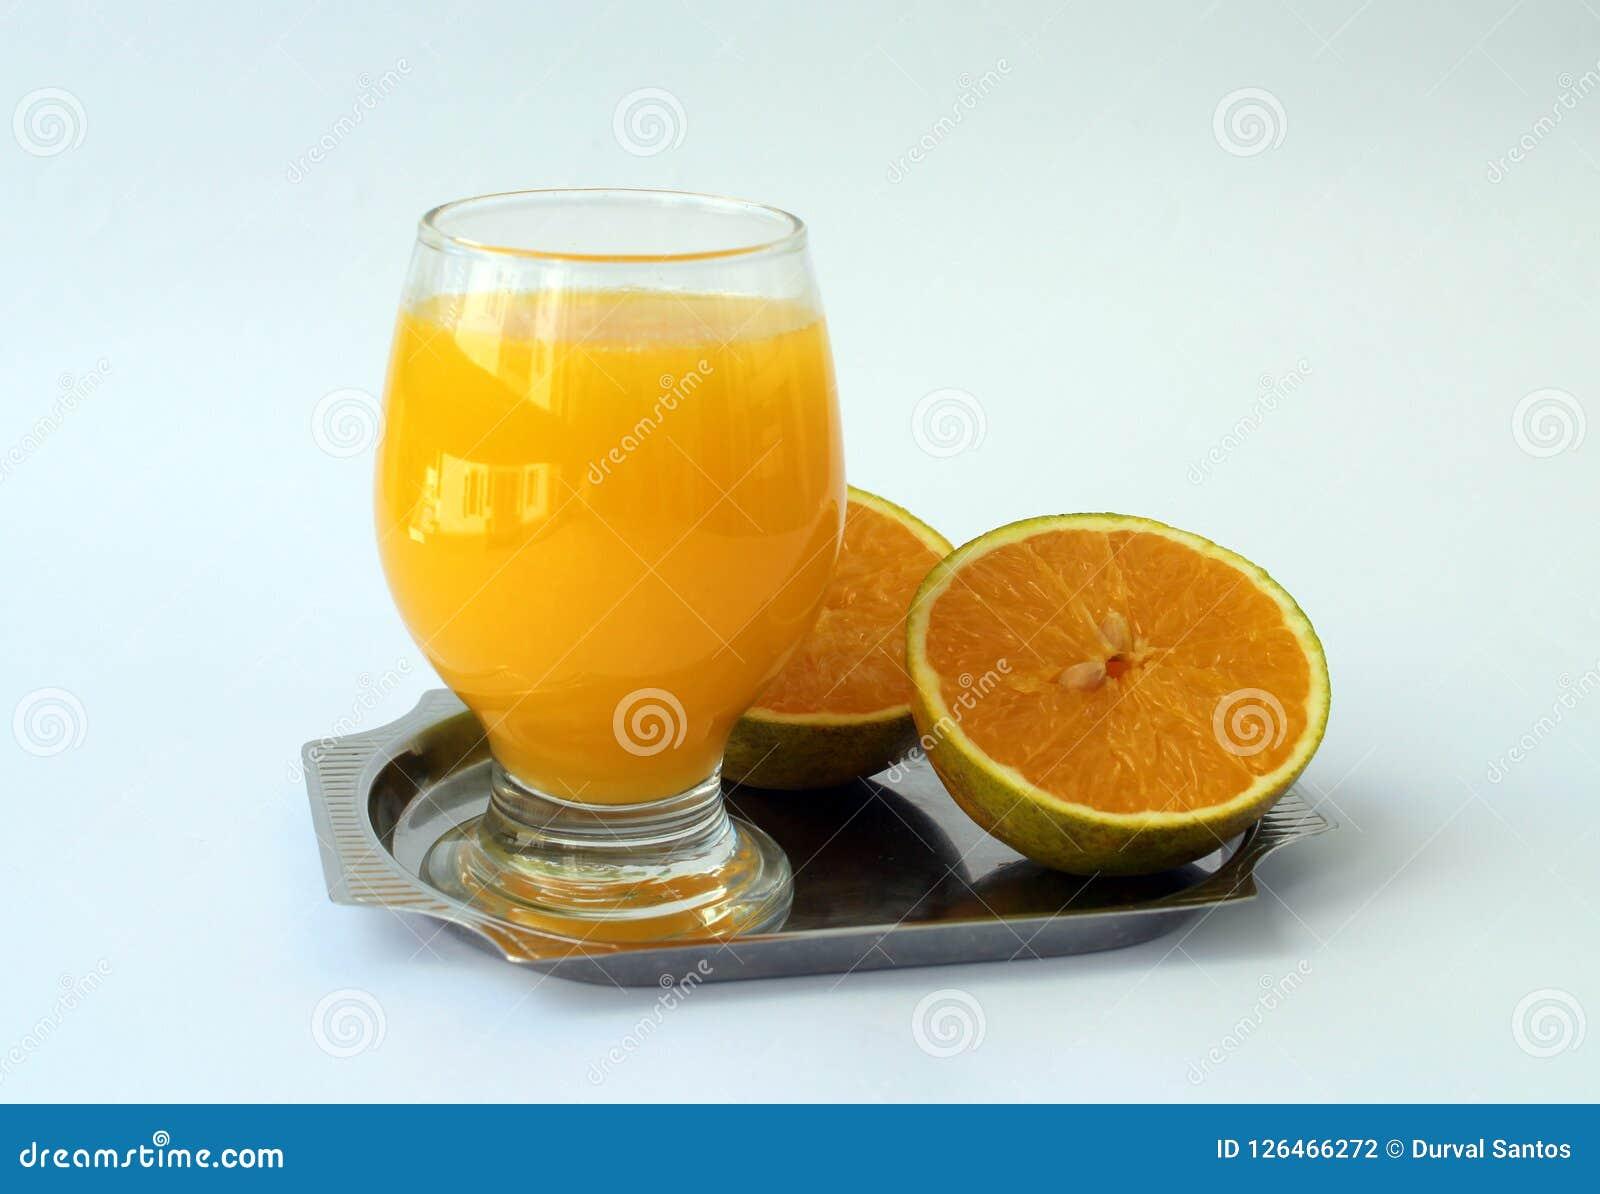 La naranja y el jugo